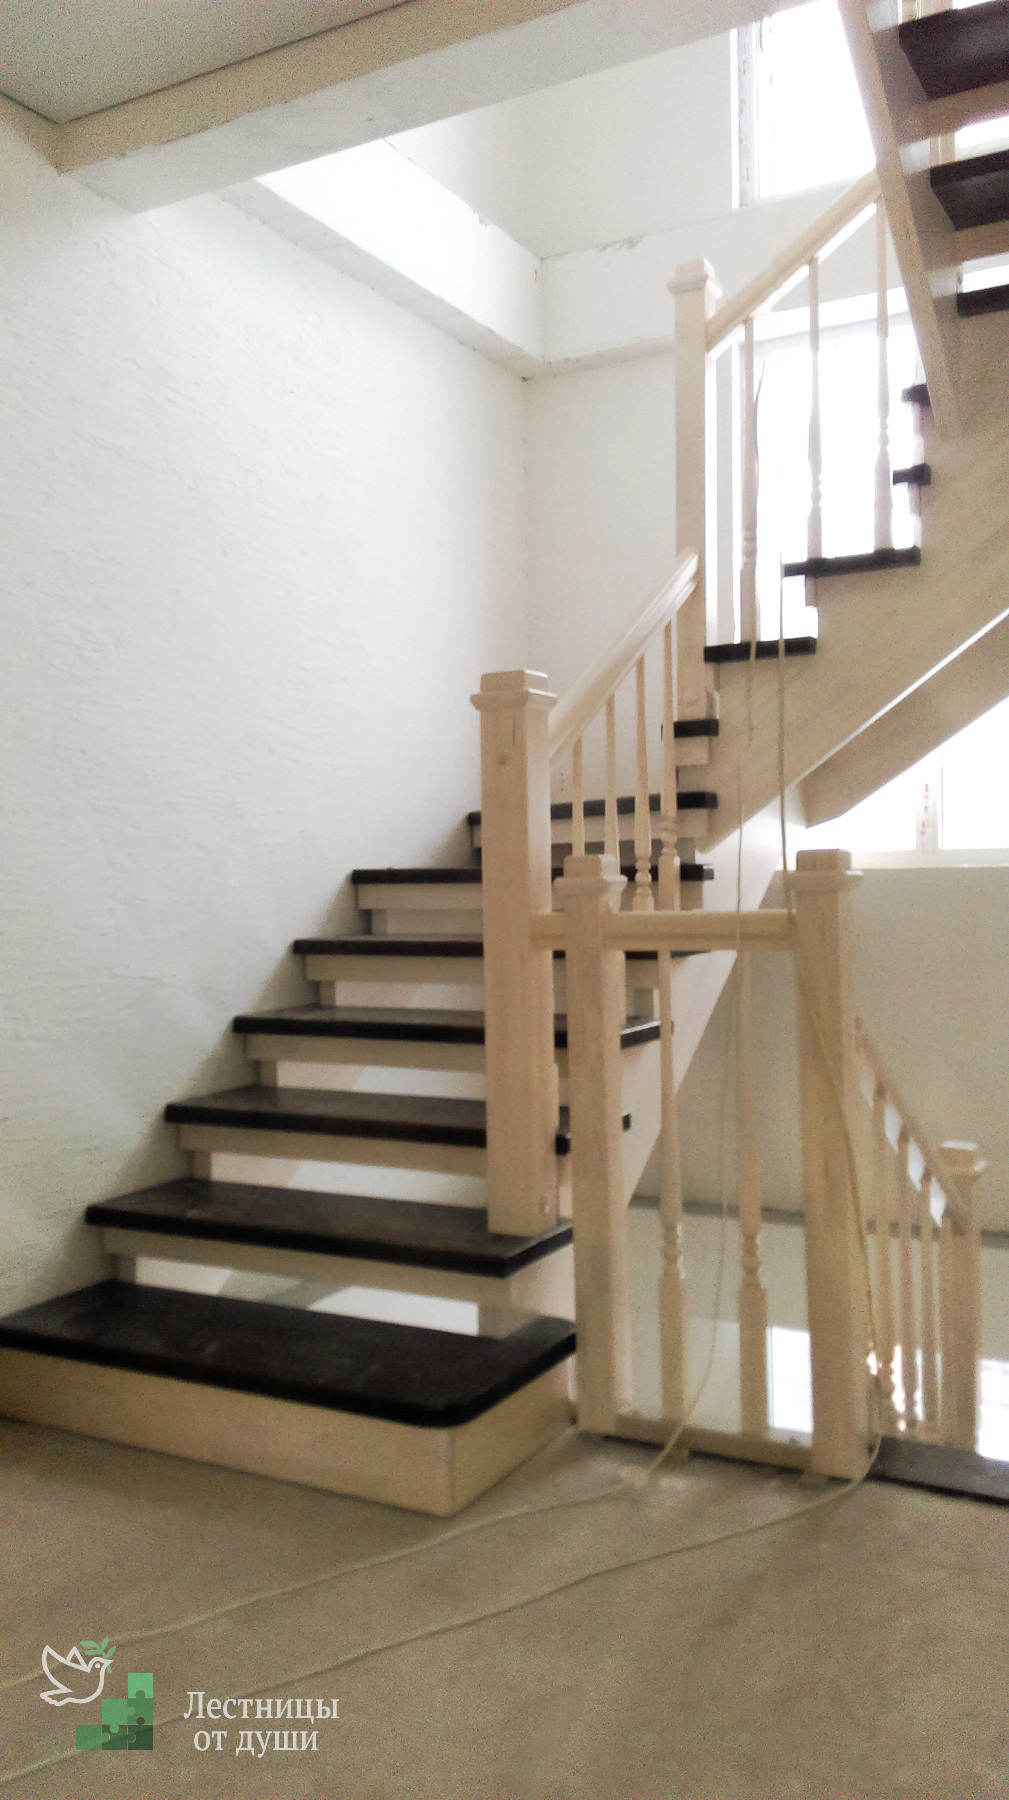 Лестница в Северном Бутово